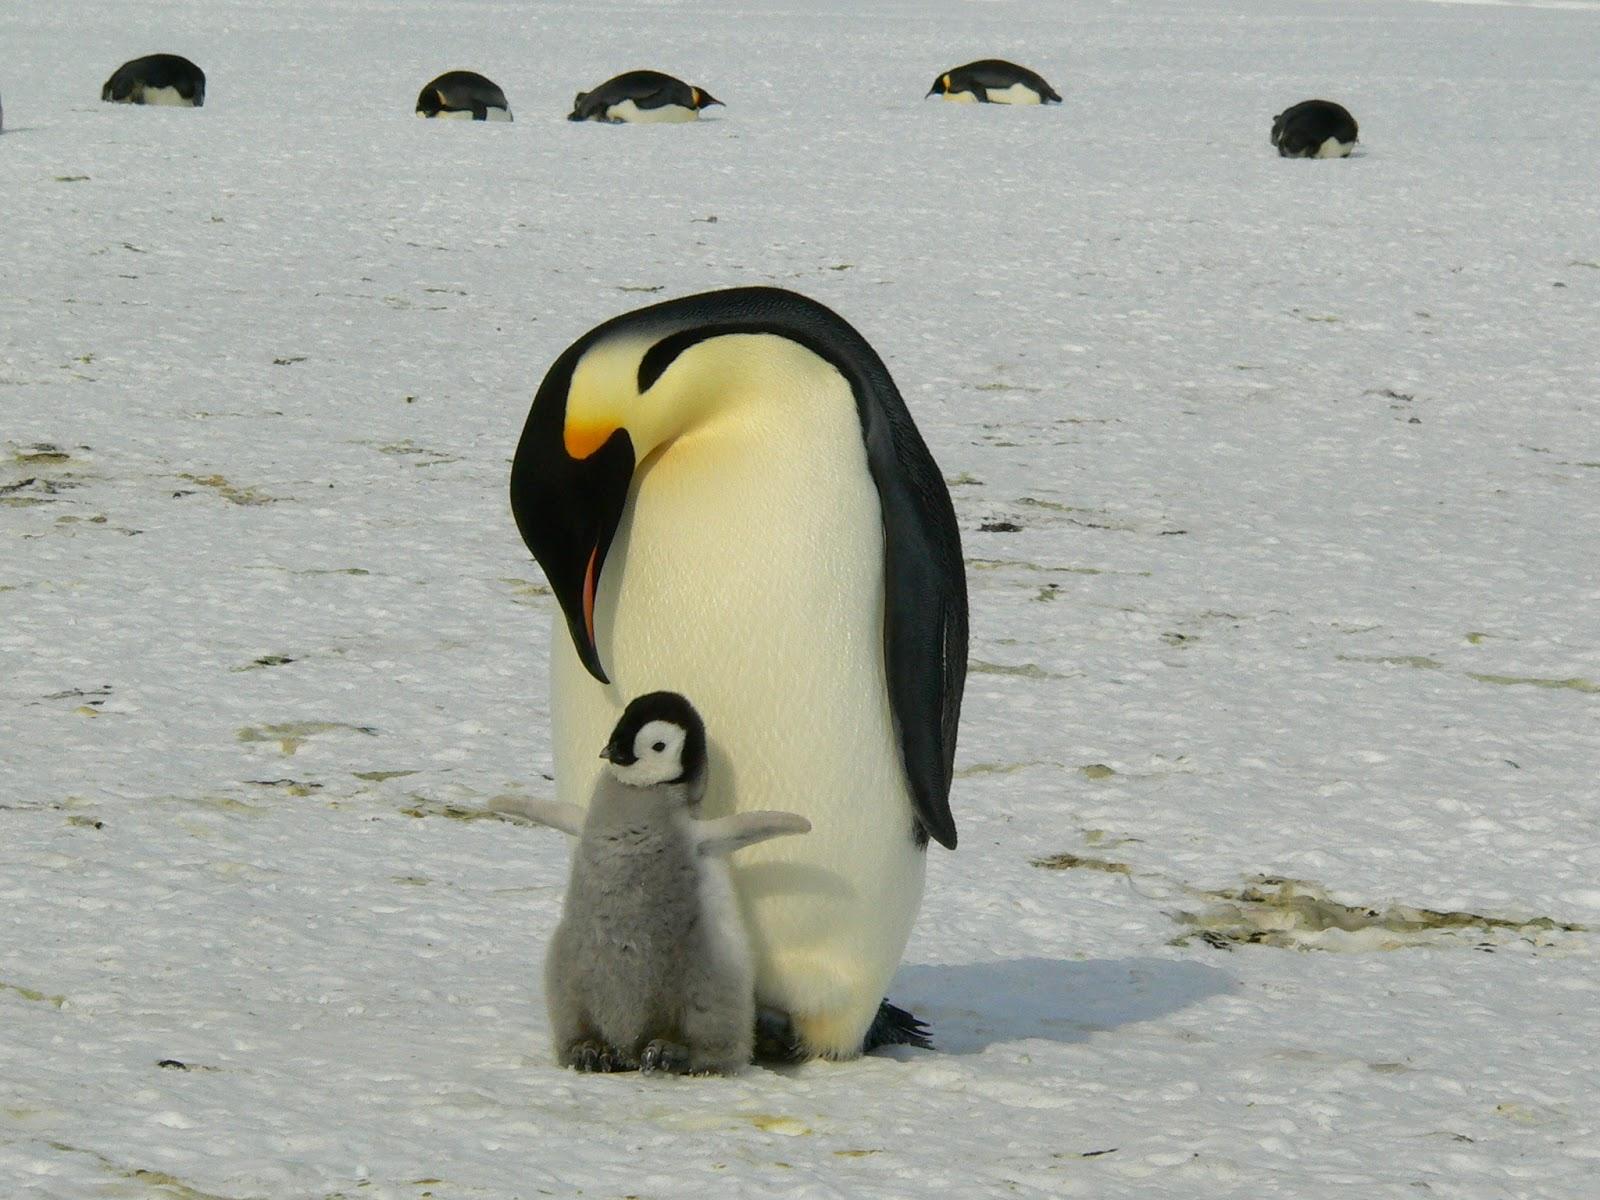 コウテイペンギンの親が足元で小さな羽を広げる子へ顔を下ろしている